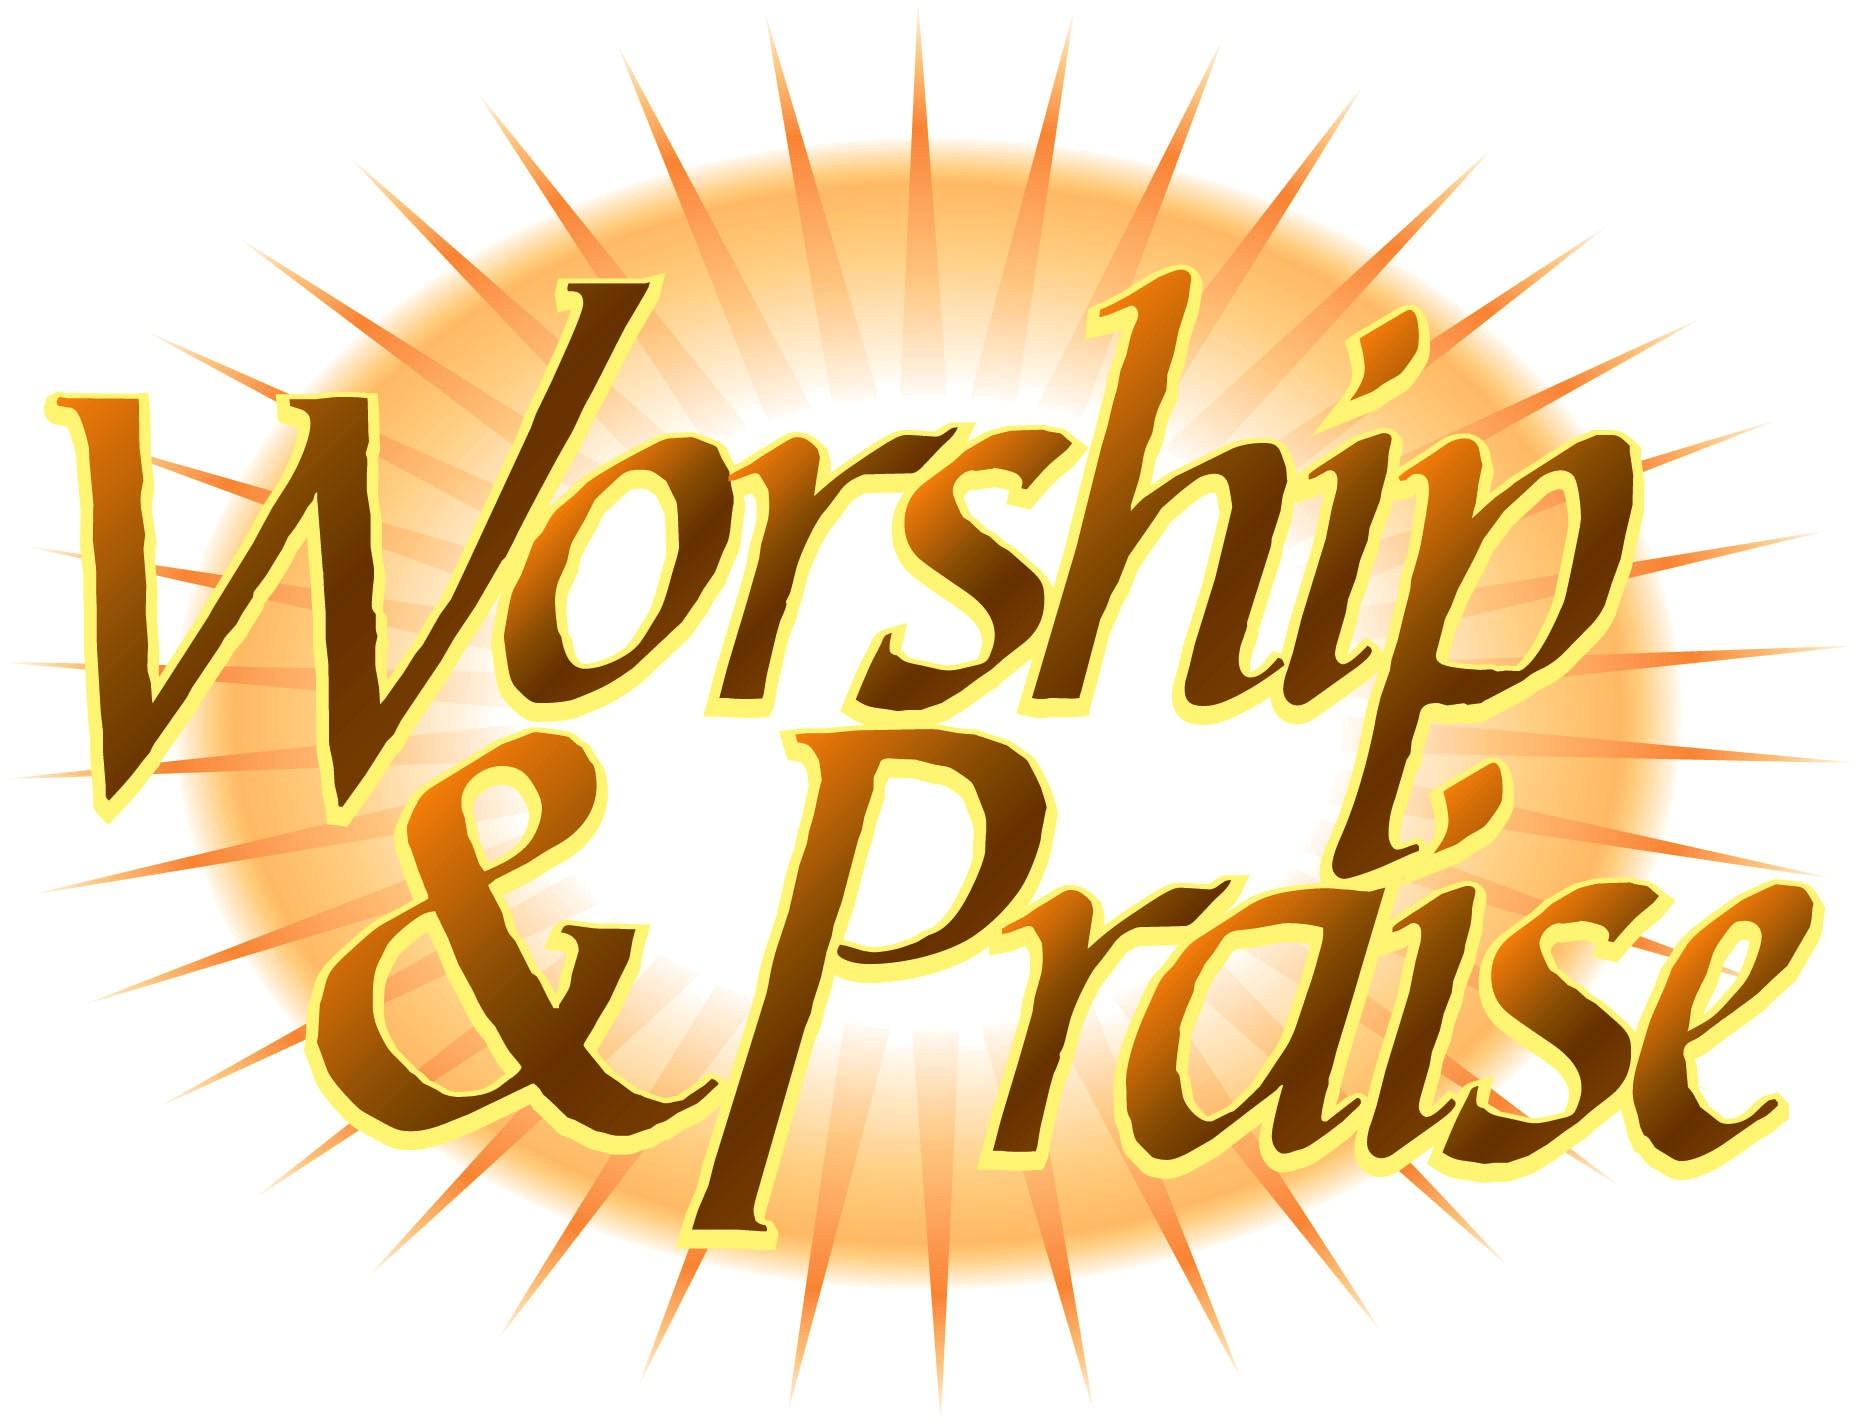 1860x1424 Free Christian Praise Banner Clipart